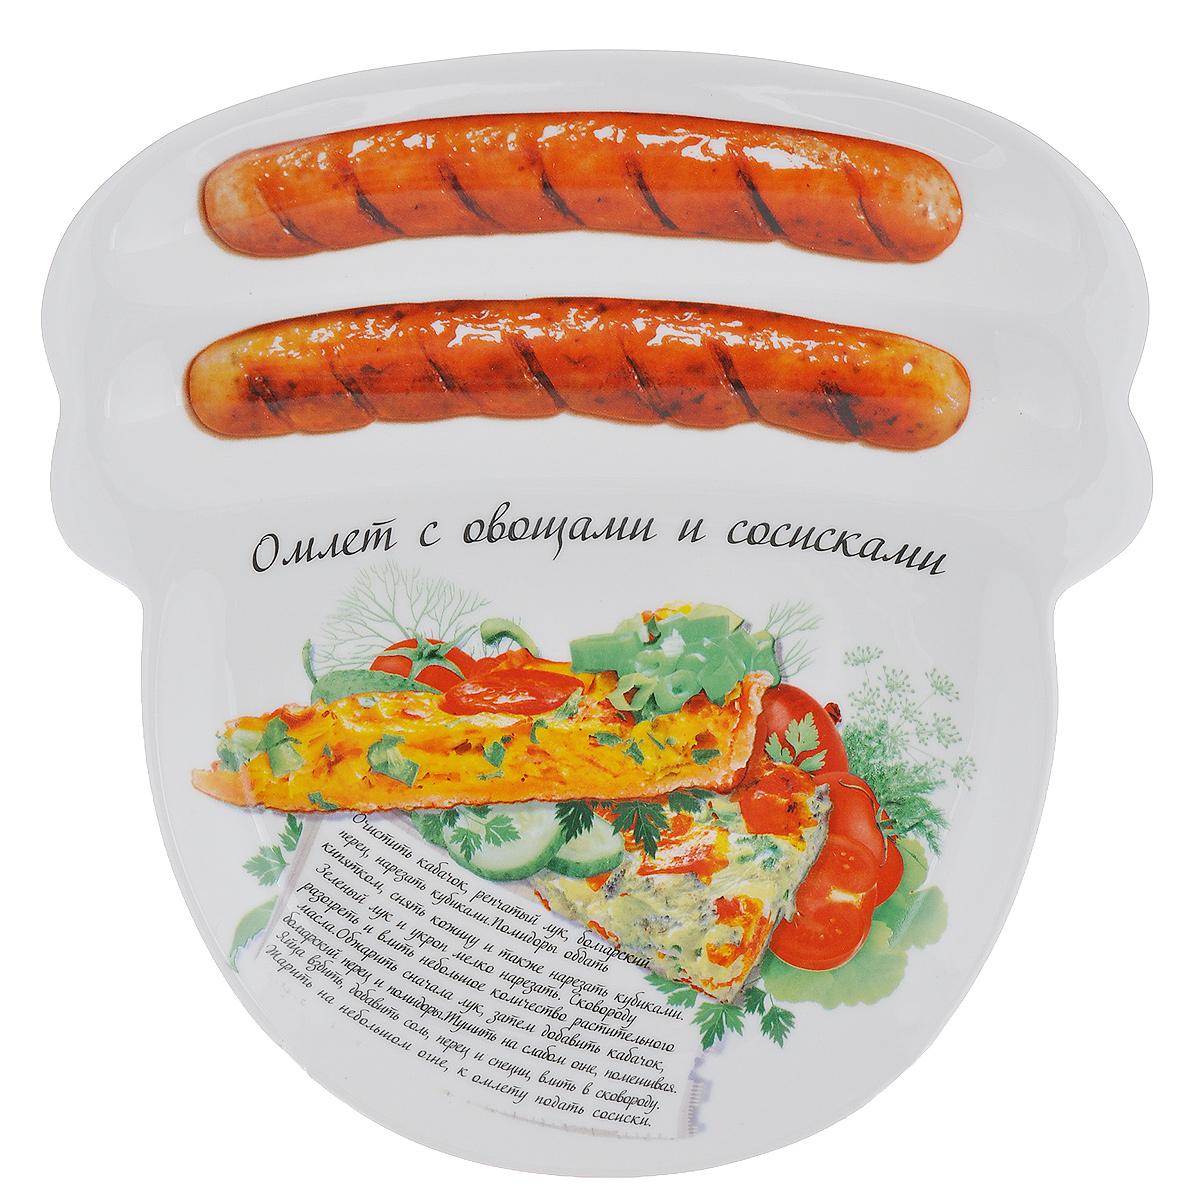 Блюдо для сосисок Larangе Омлет с овощами и сосисками, 23 х 22,7 х 1,6 см598-080Блюдо для сосисок Larange Омлет с овощами и сосисками изготовлено из высококачественной керамики. Изделие украшено изображением двух сосисок и рецепта омлета с овощами и сосисками. Тарелка имеет три отделения: два маленьких отделения для сосисок и одно большое отделение для яичницы или другого блюда. В комплект входят лучшие рецепты от шефа. Можно использовать в СВЧ печах, духовом шкафу, холодильнике. Можно мыть в посудомоечной машине. Не применять абразивные чистящие вещества. Размер блюда: 23 см х 22,7 см х 1,6 см.